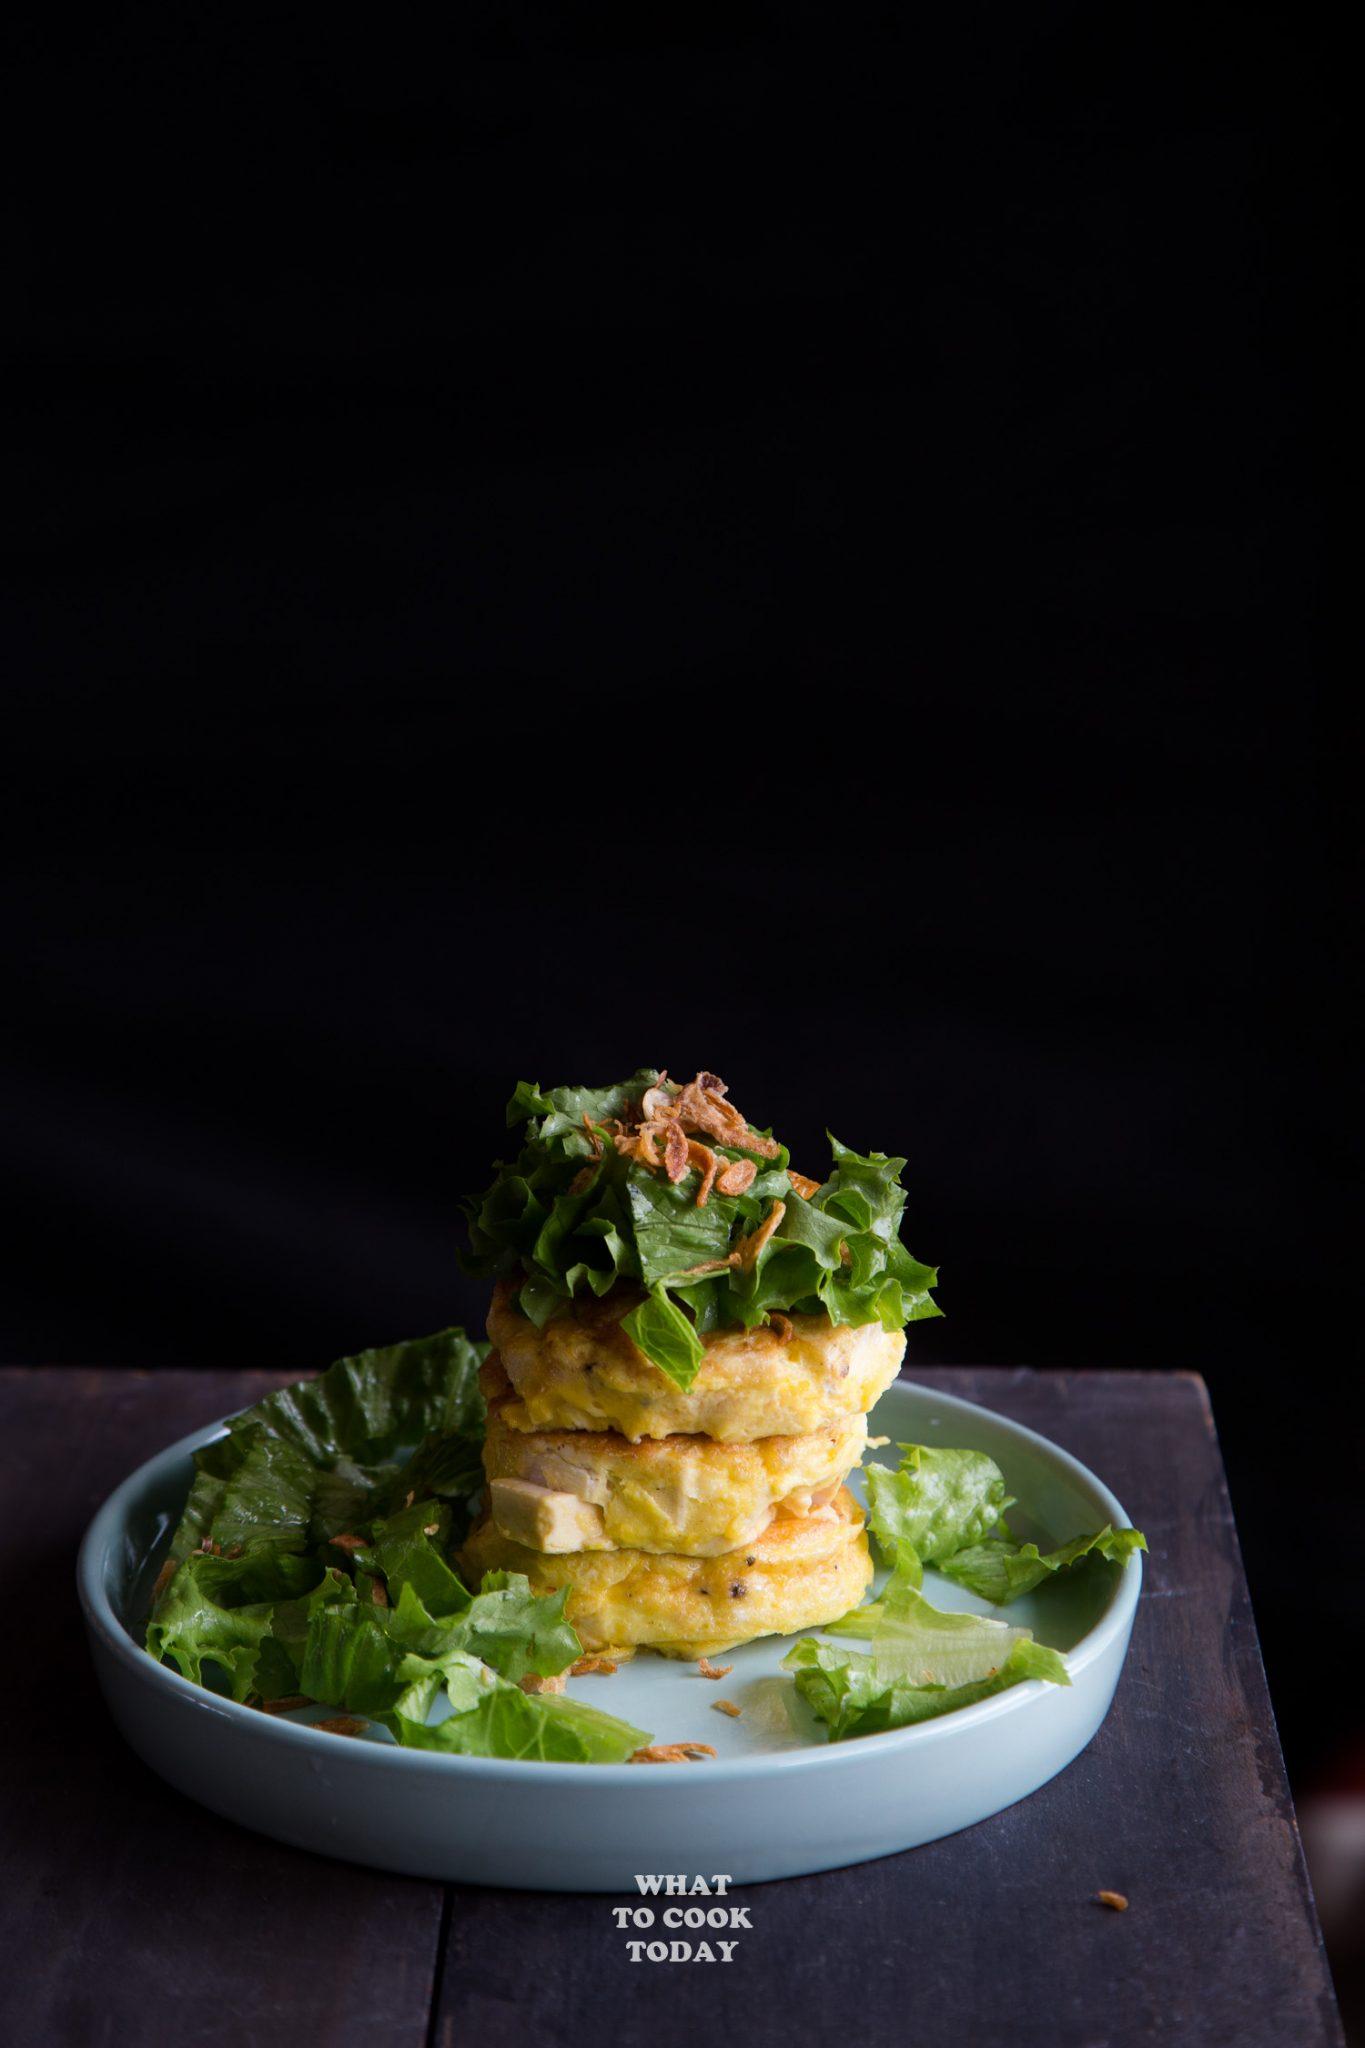 Tahu Telur (Indonesian Tofu Omelette Salad) #tofu #omelet #omelettes #eggs #easyrecipe #indonesianfood